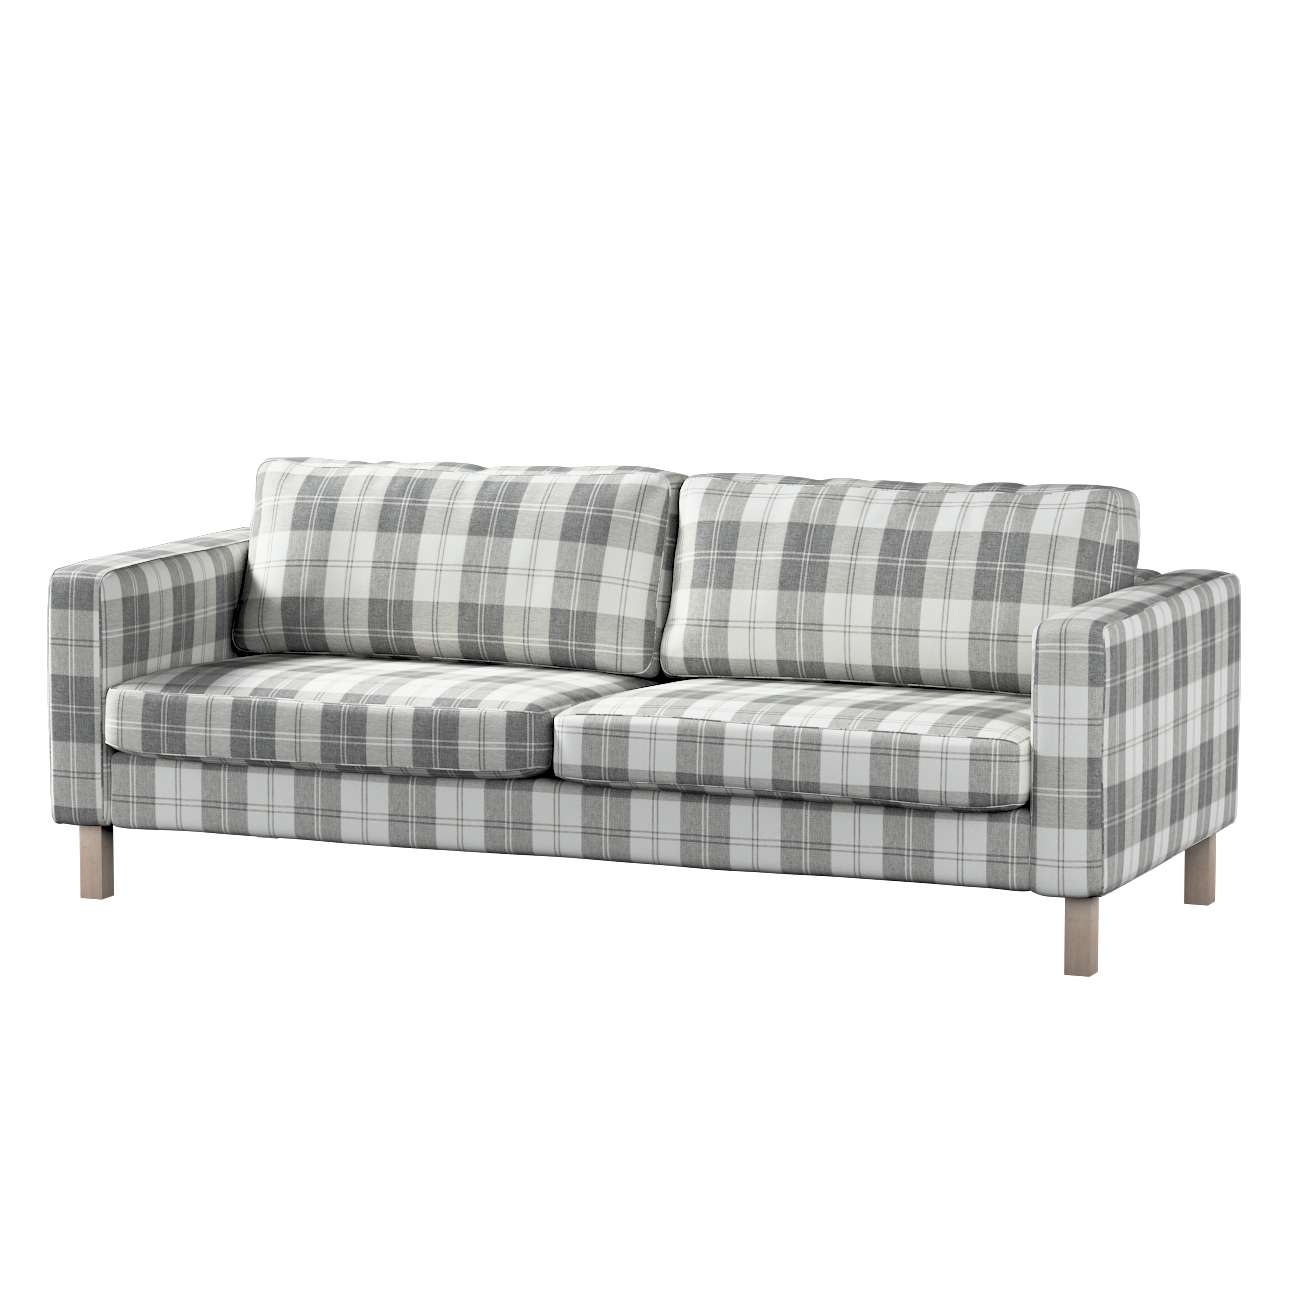 Pokrowiec na sofę Karlstad rozkładaną, krótki Sofa Karlstad 3-os rozkładana w kolekcji Edinburgh, tkanina: 115-79